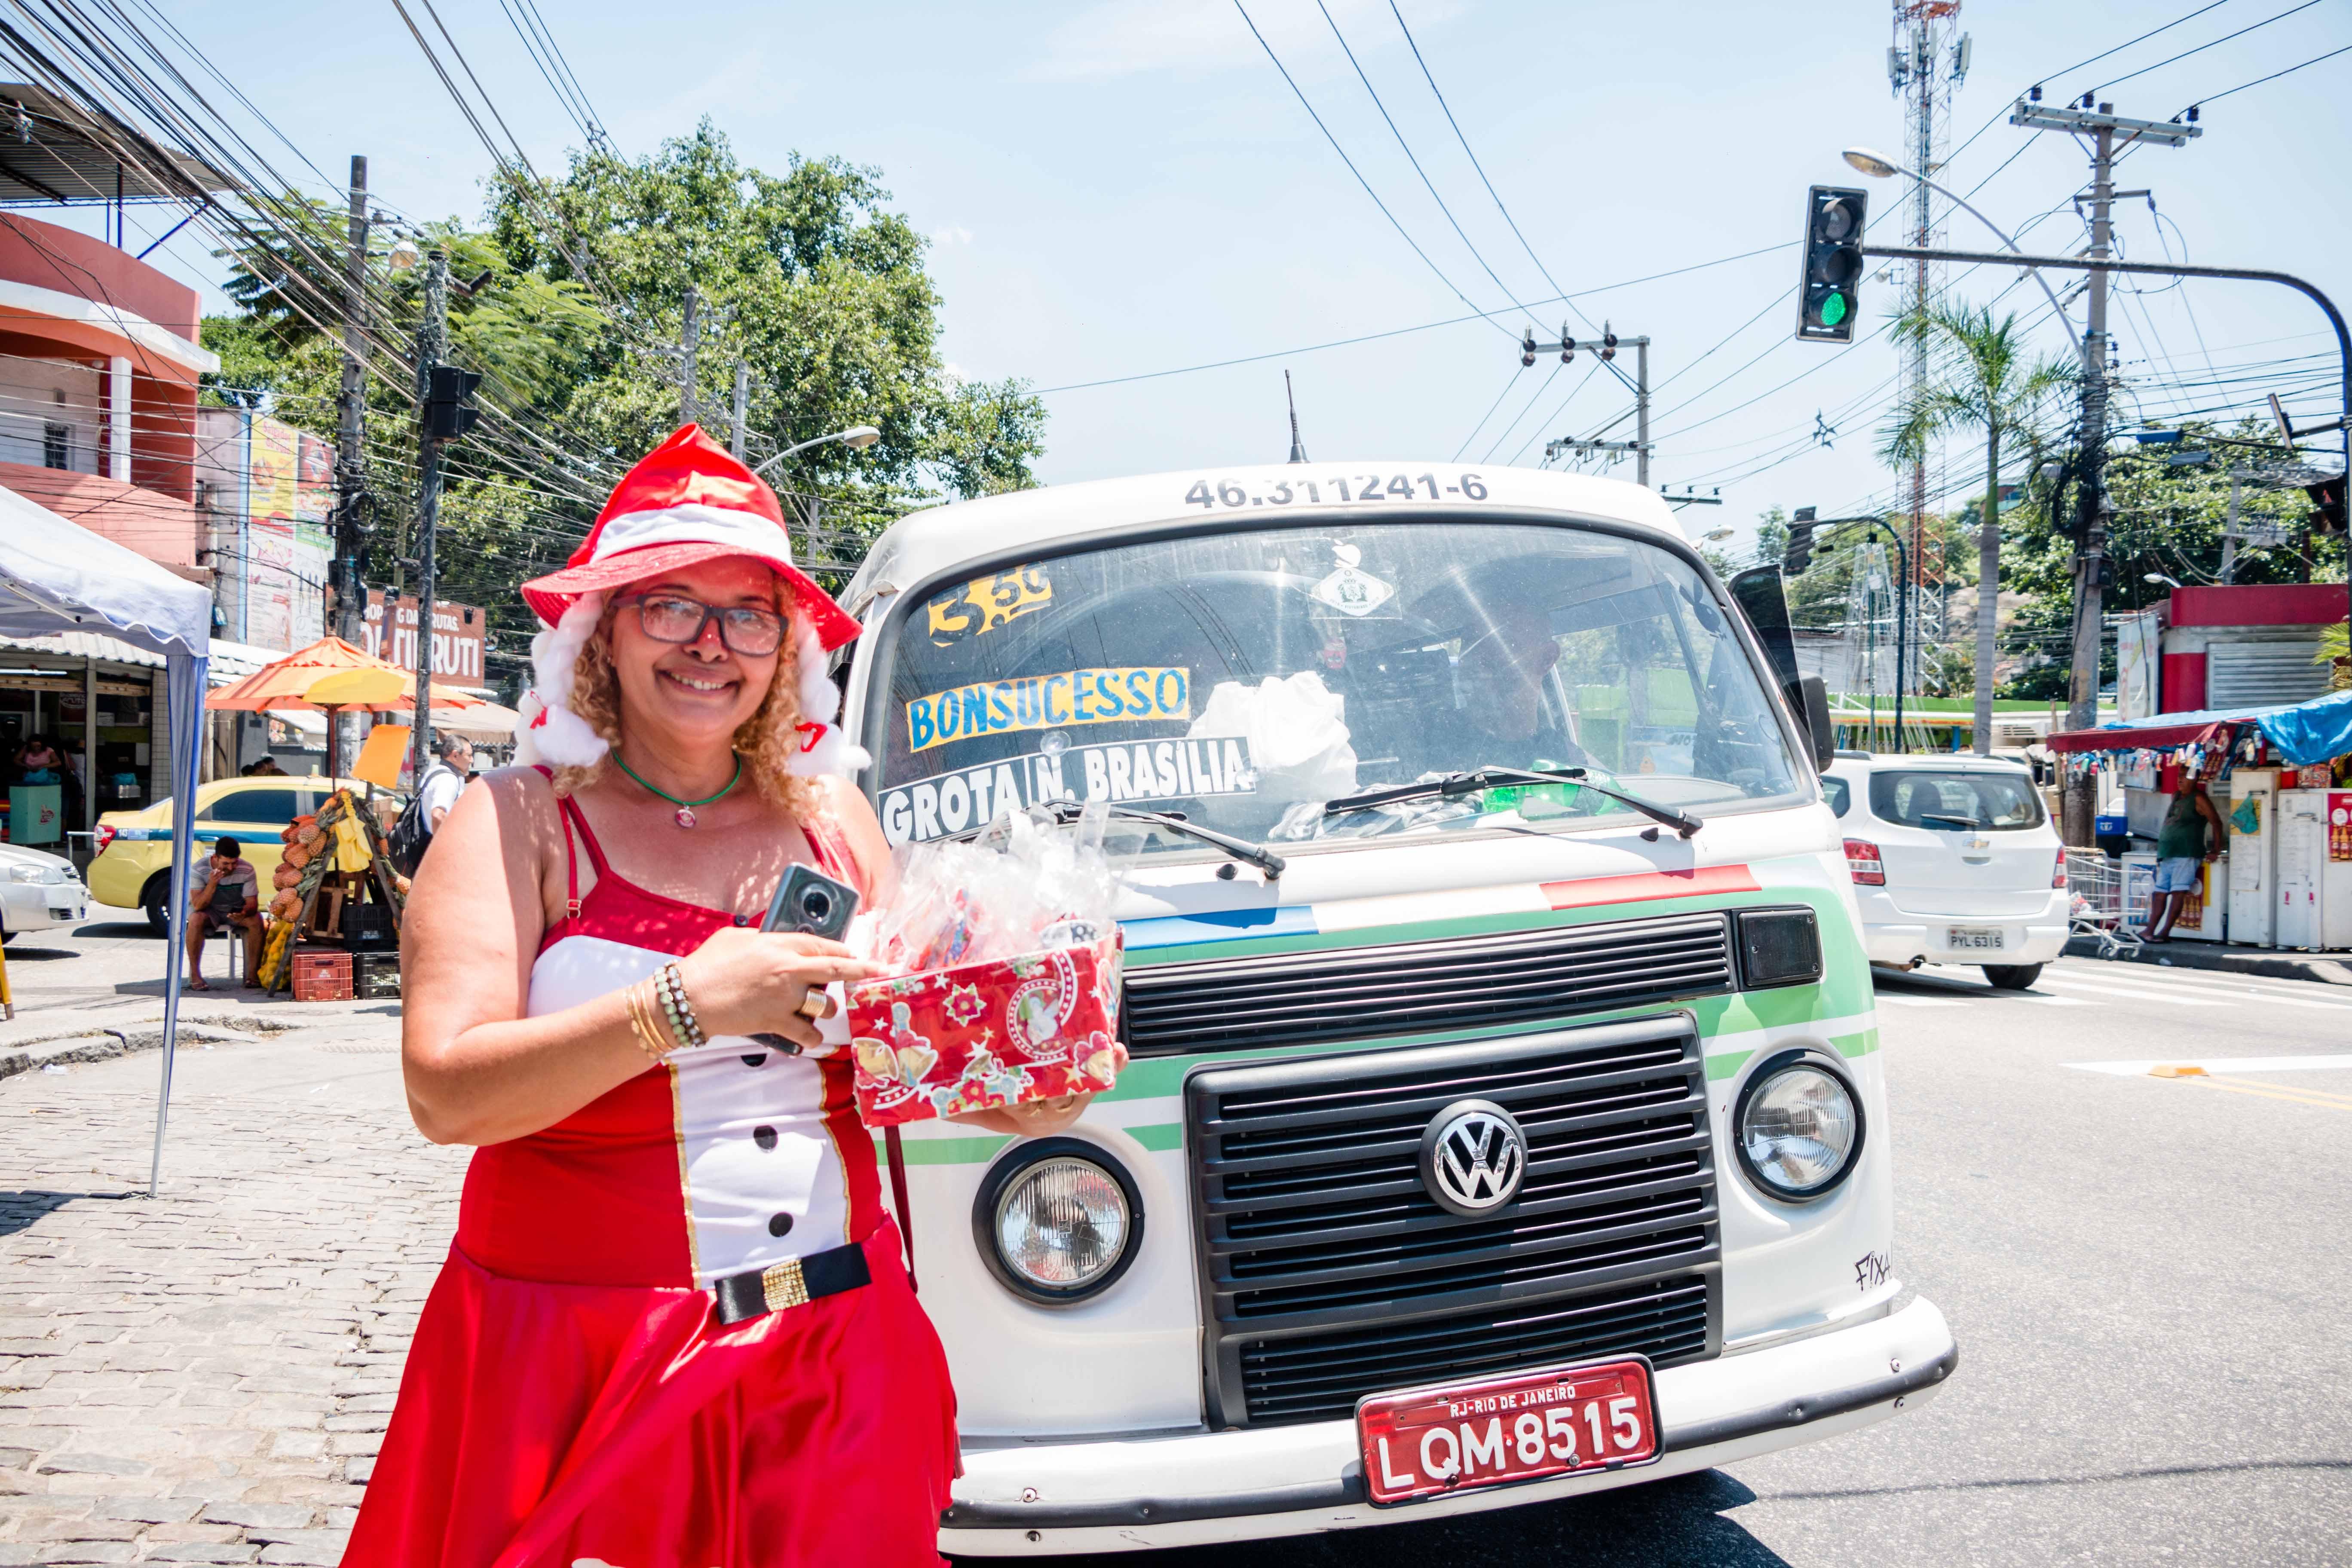 Mamãe Noel do Complexo do Alemão leva alegria aos moradores em ponto de ônibus